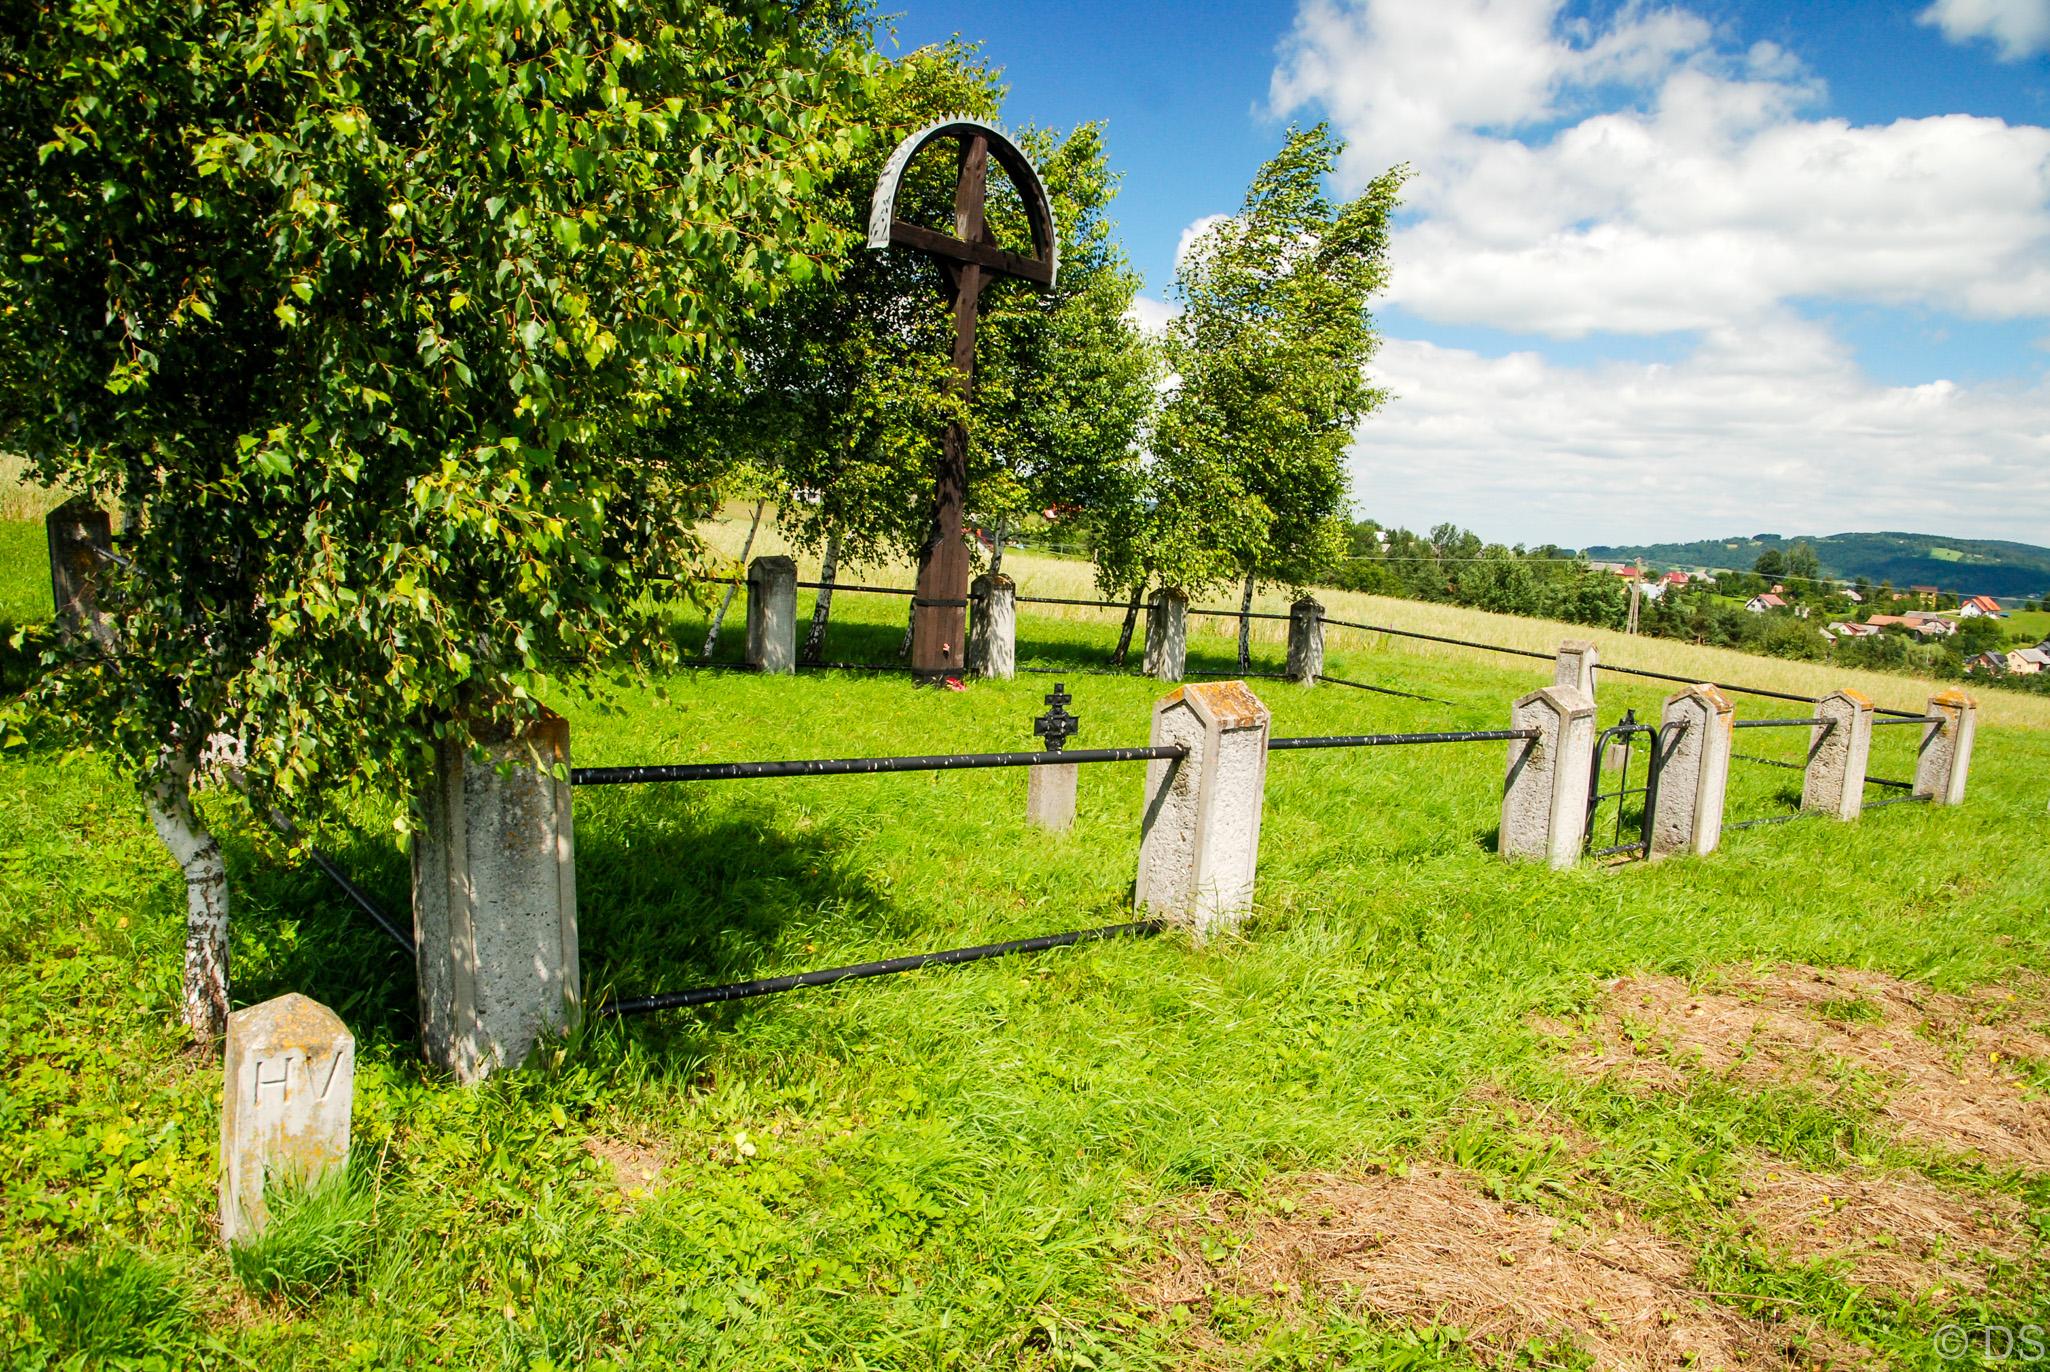 475 Cmentarzy